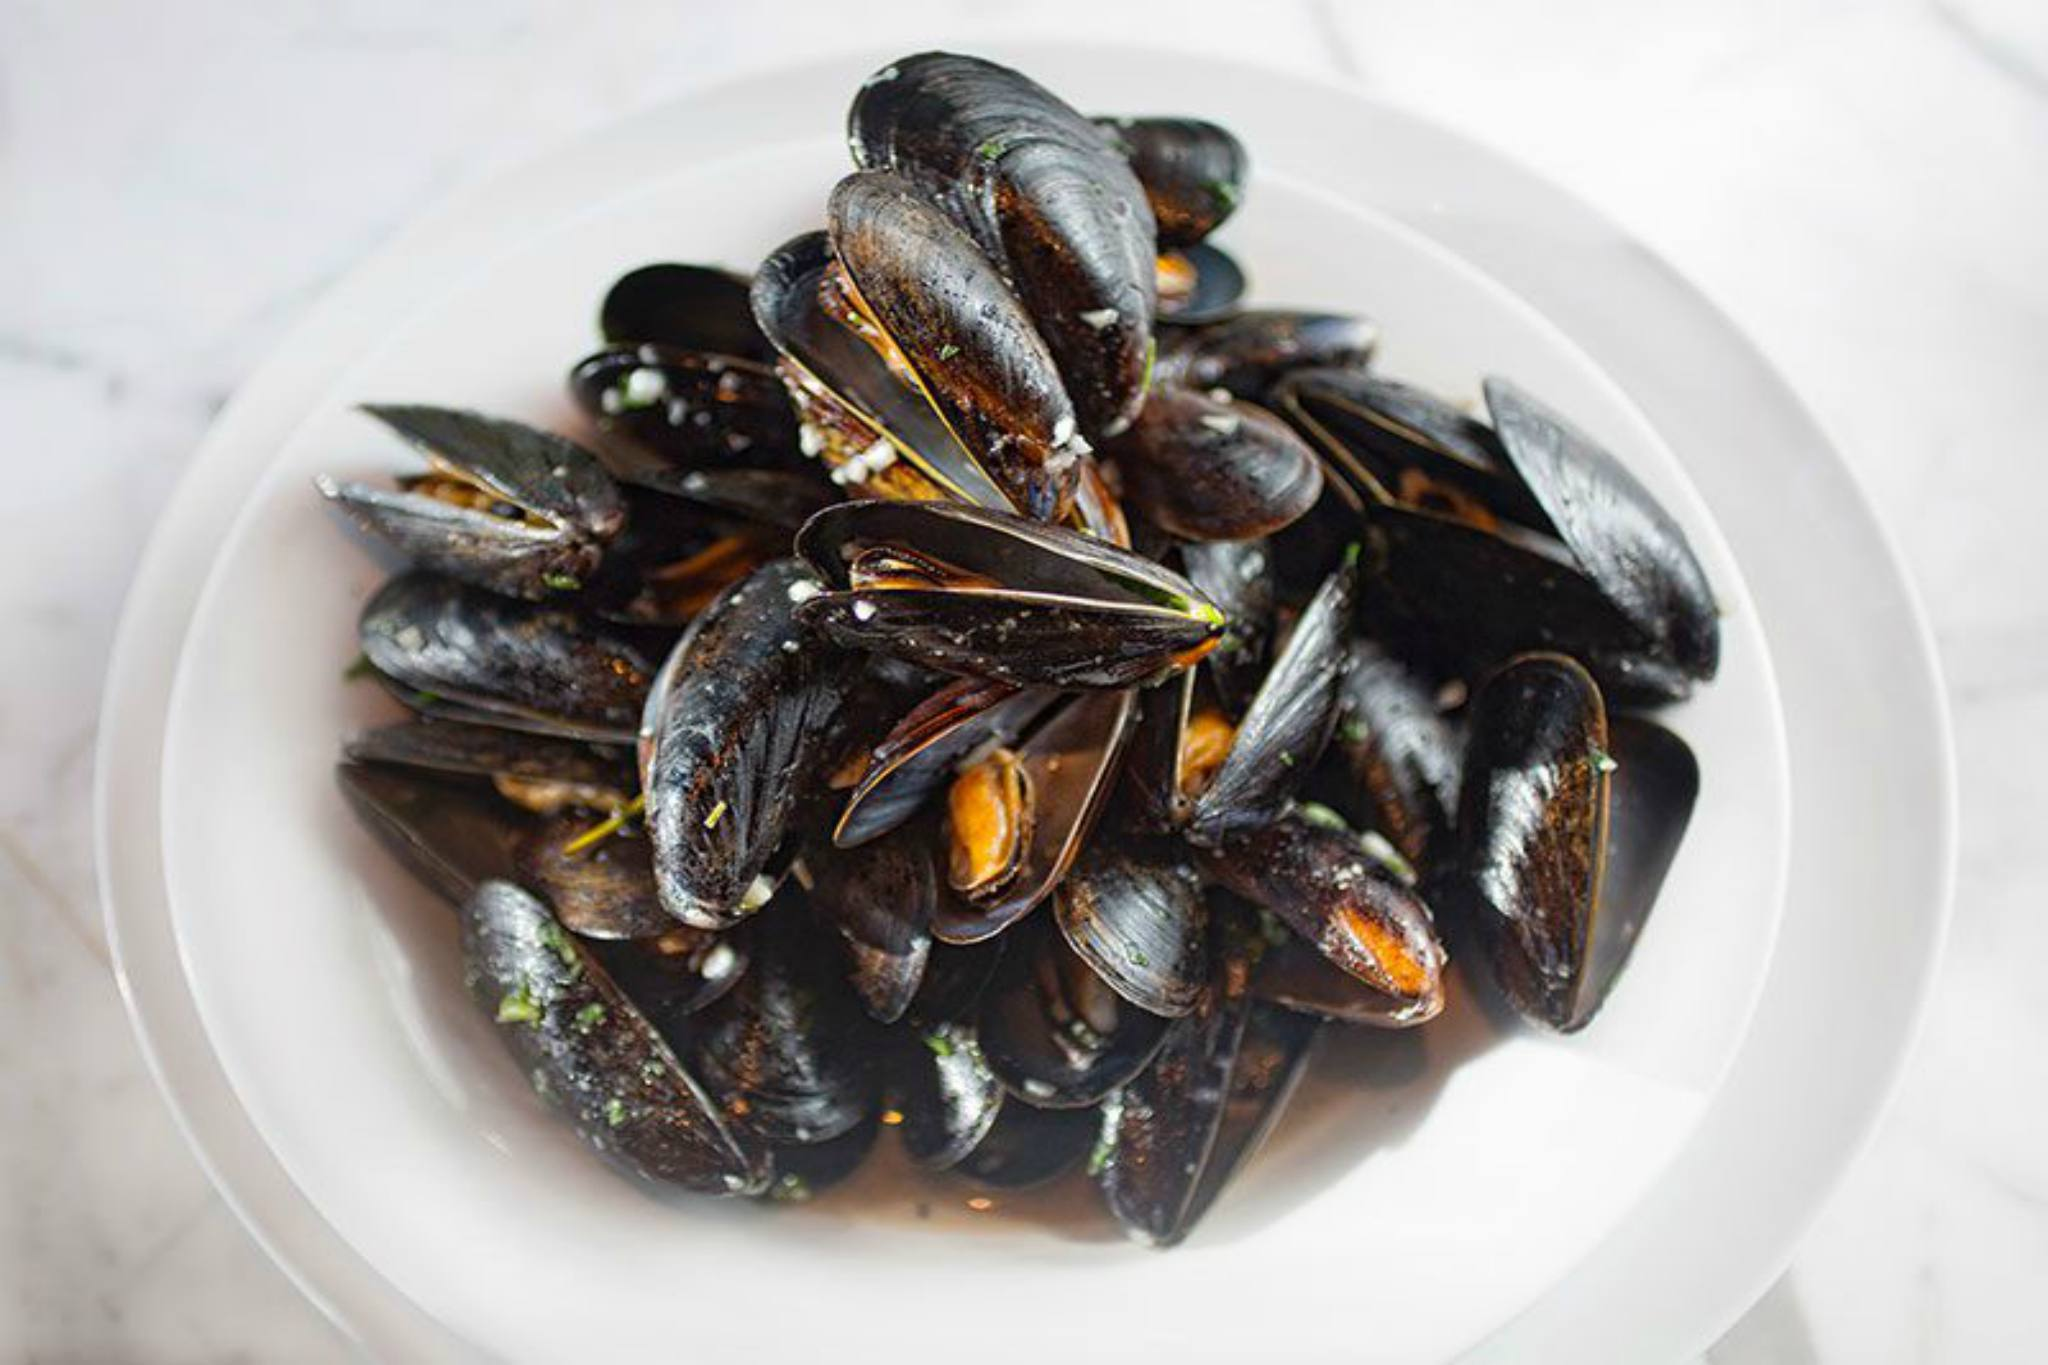 Fabi + Rosi mussels